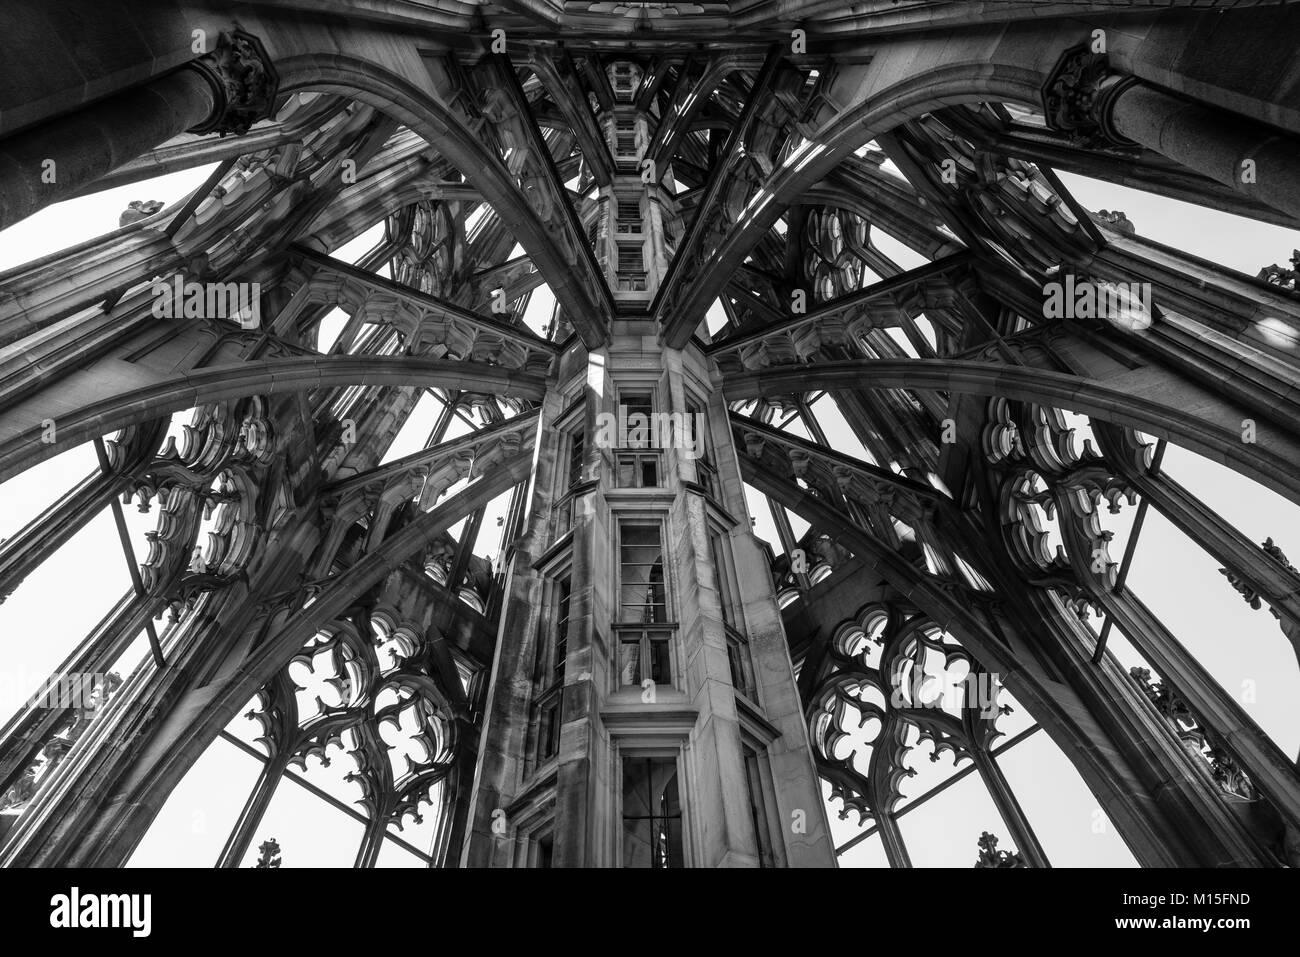 Ulm Minster (tedesco: Ulmer Münster) è una chiesa luterana si trova a Ulm in Germania. Chiesa più alto, 5 struttura più alto costruire prima del XX secolo. Foto Stock